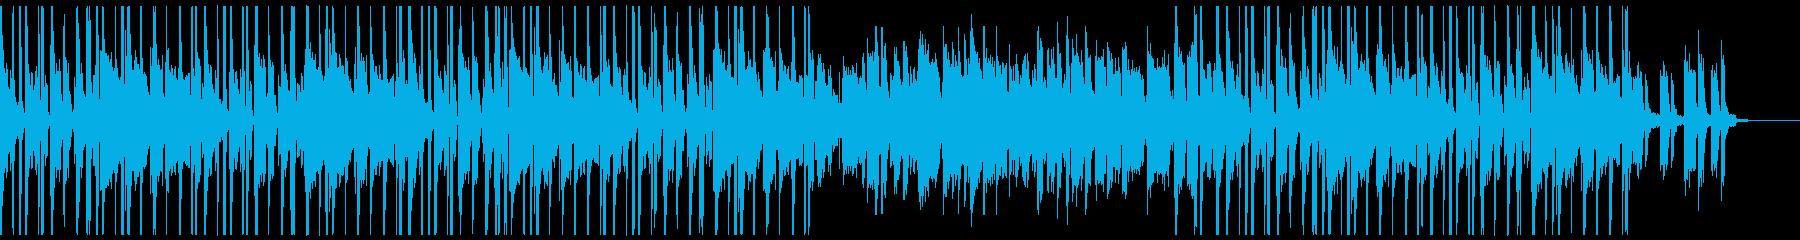 シンプルな電子ピアノR&Bフレーズの再生済みの波形